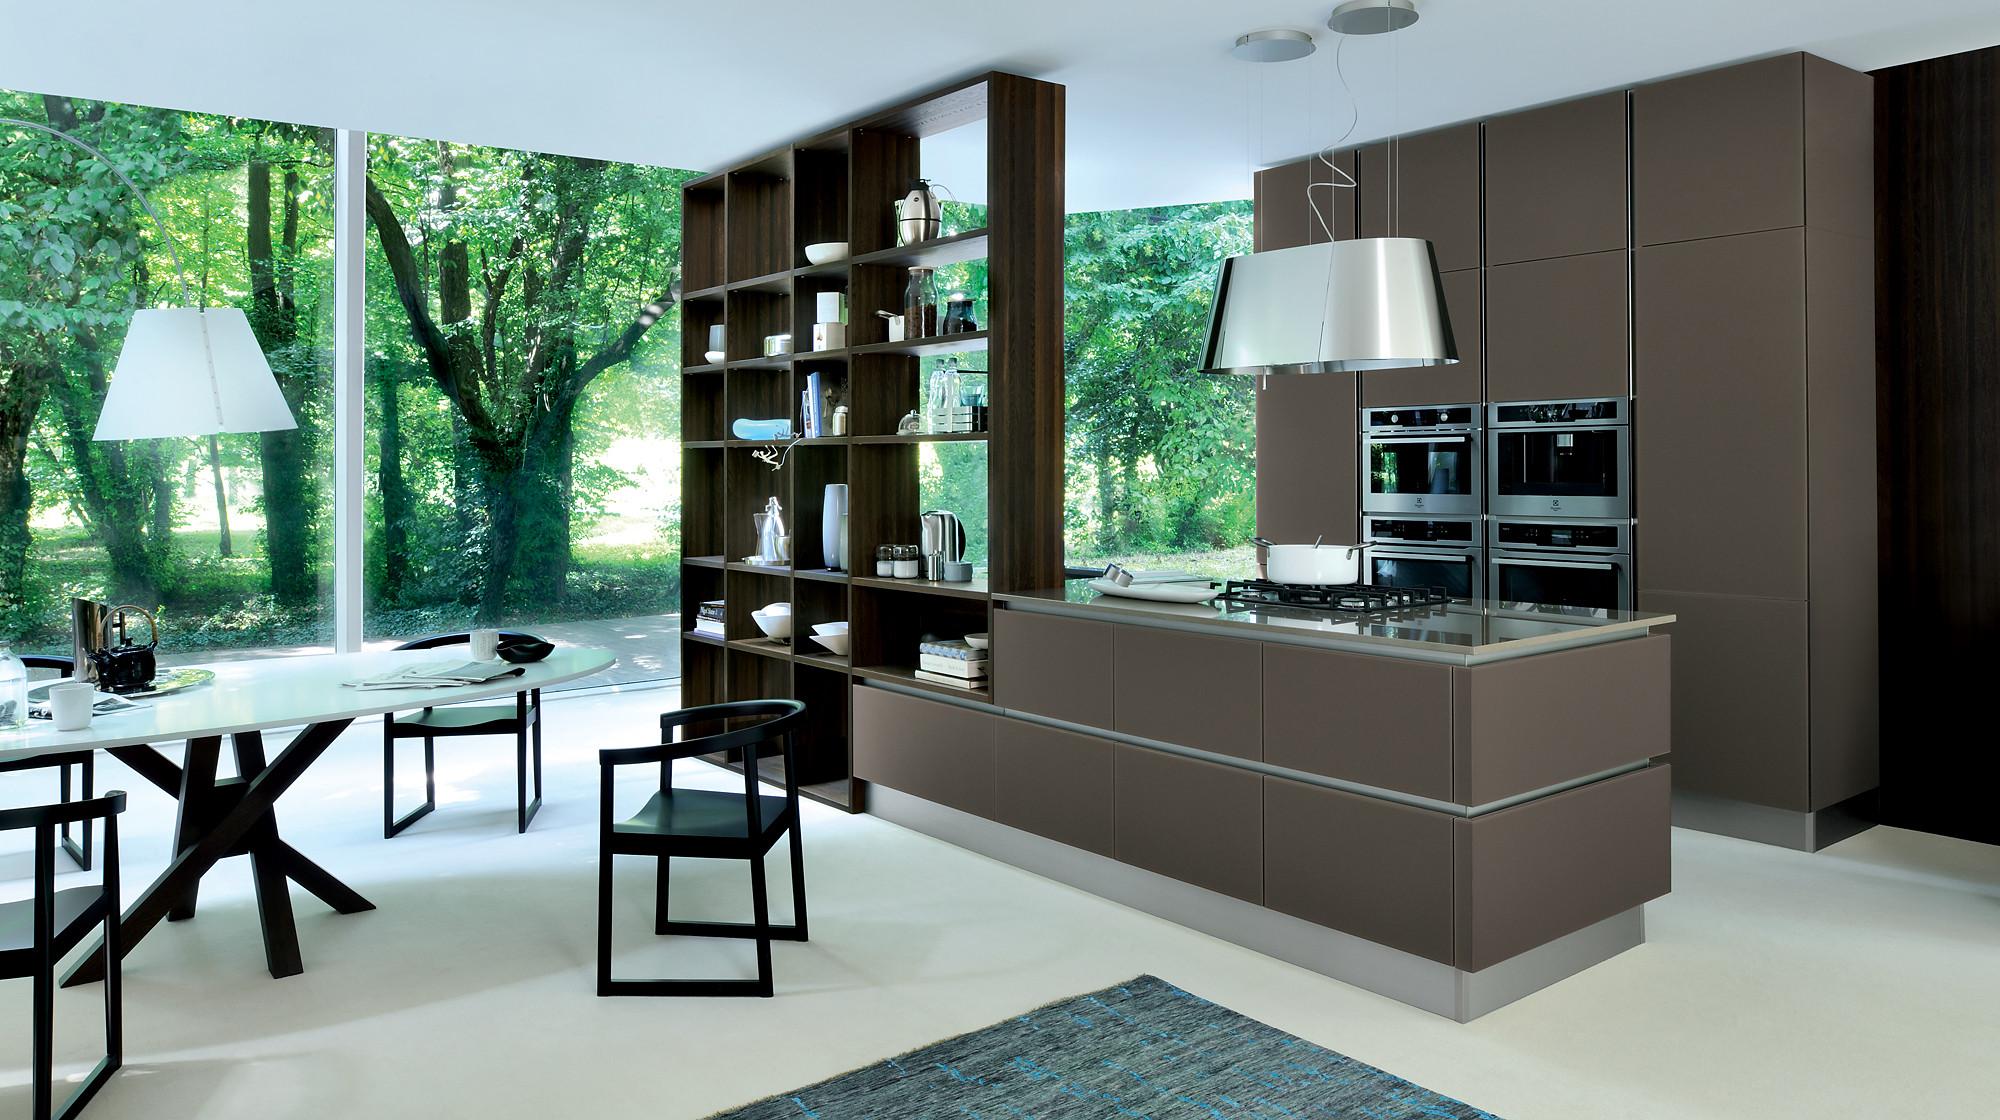 Veneta Cucine Modello Reflex.Cucina Ri Flex Veneta Cucine